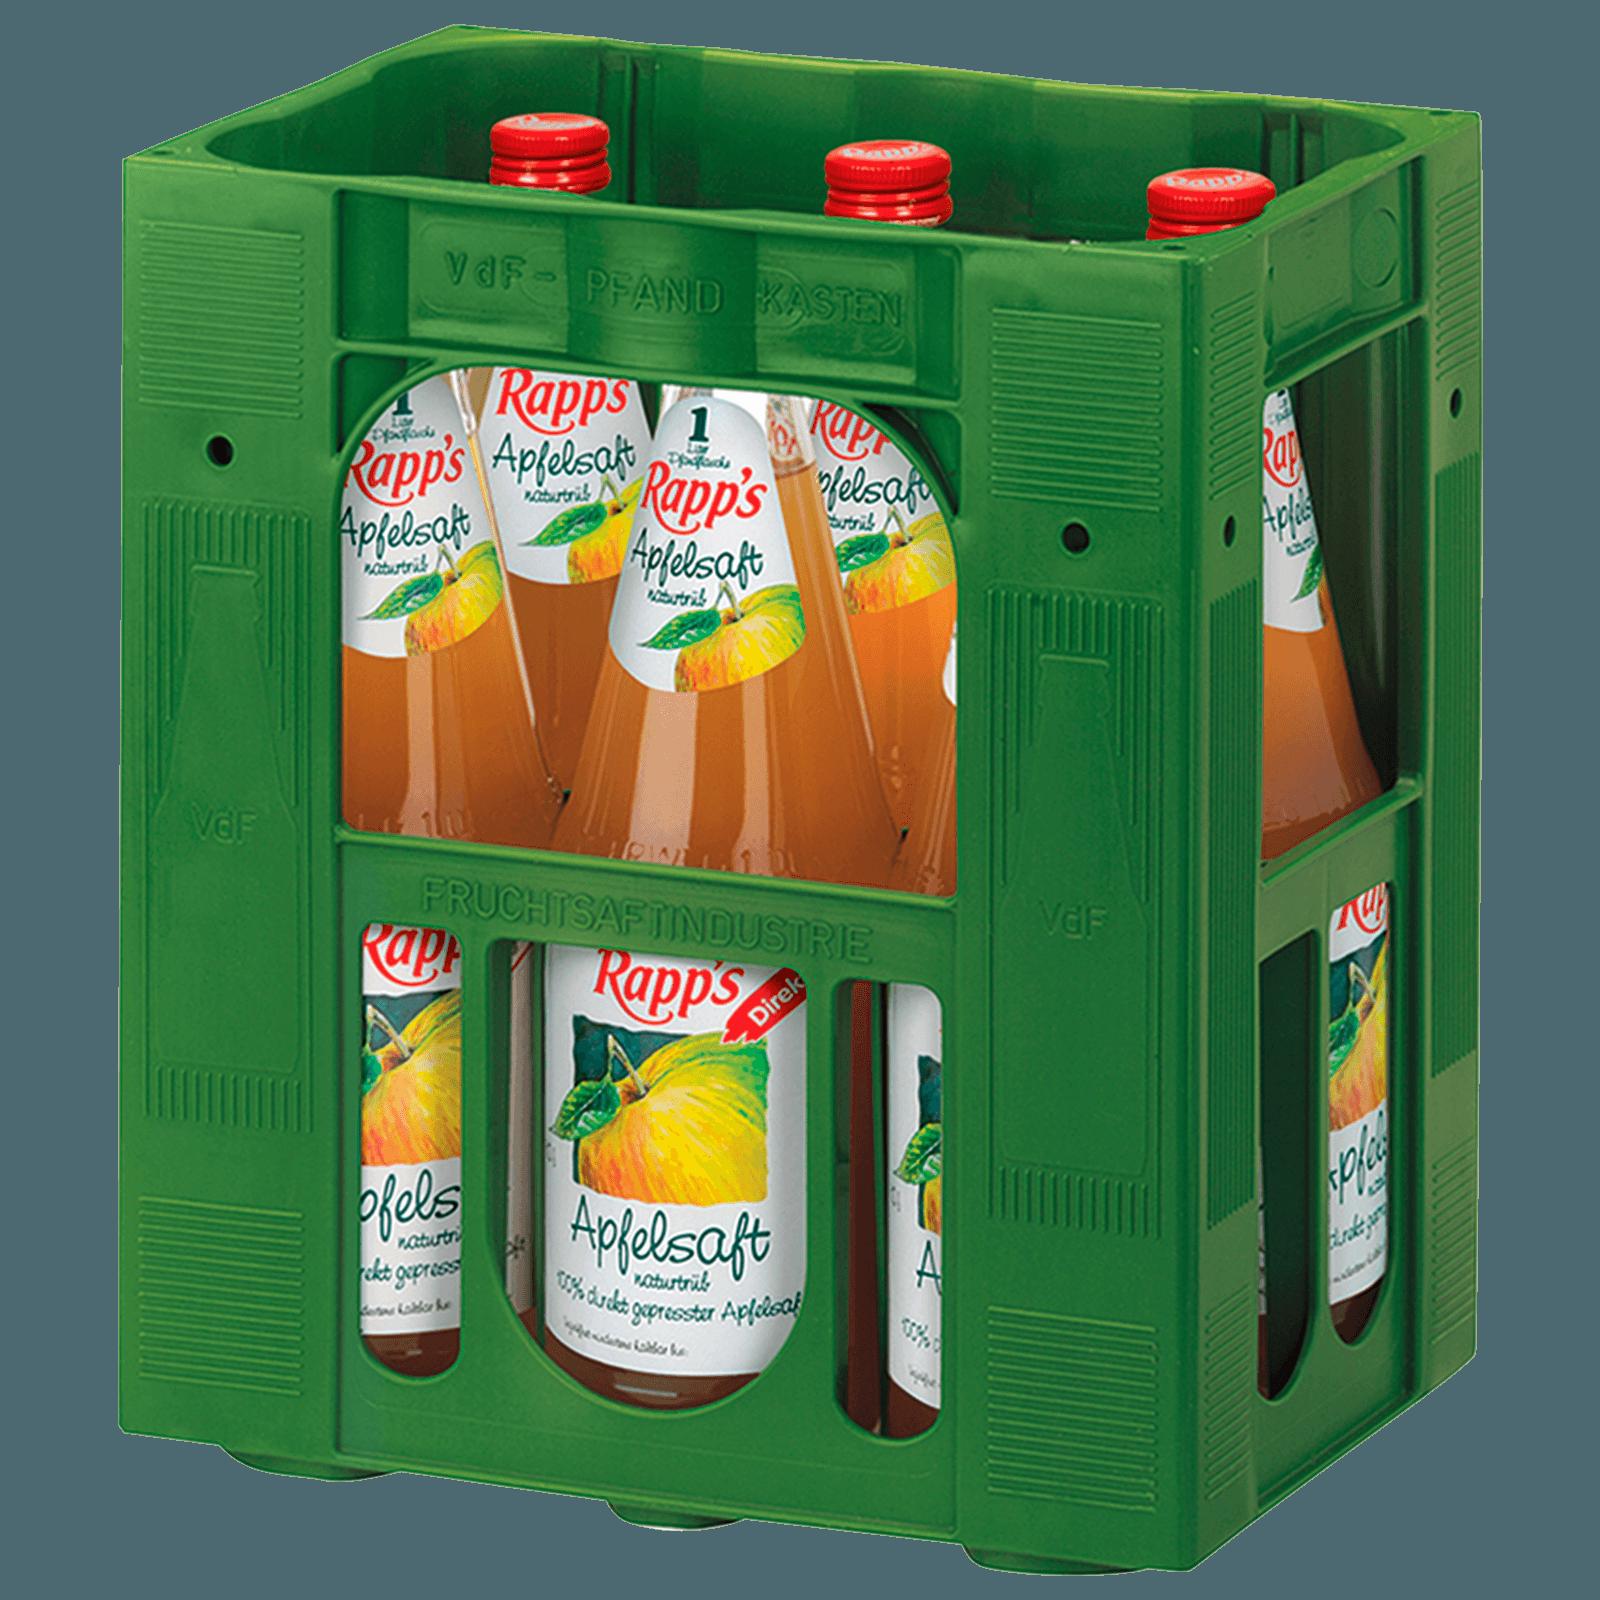 Rapp\'s Apfelsaft naturtrüb 6x1l bei REWE online bestellen!